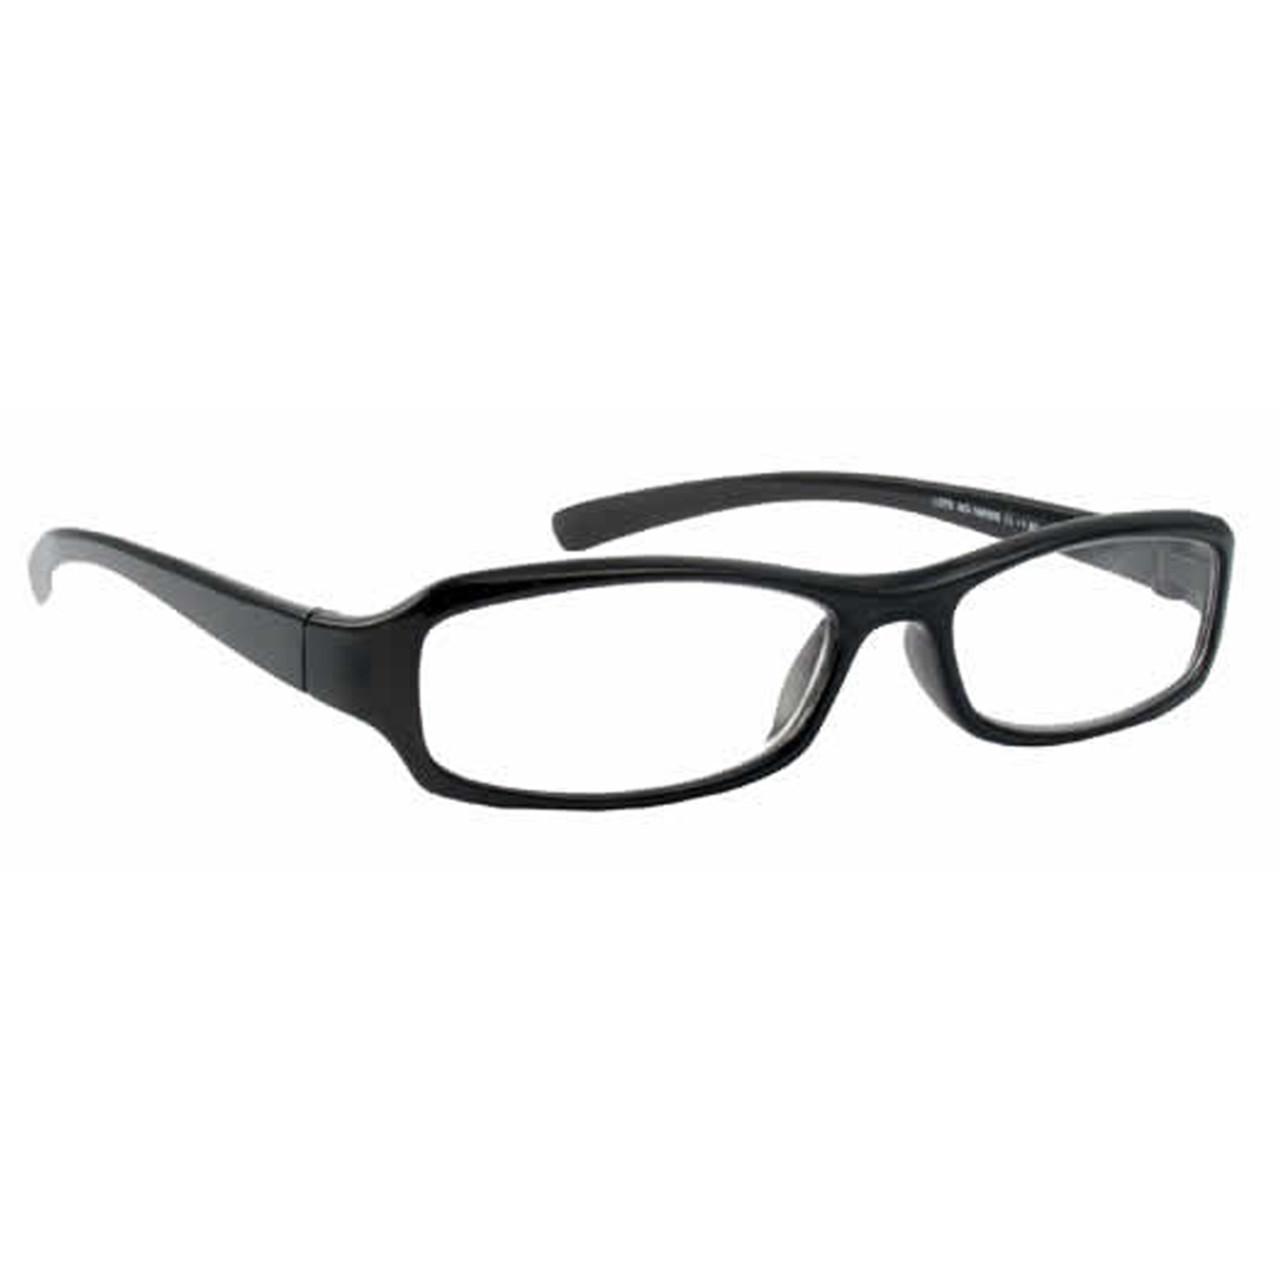 Classic Unisex Reading Glasses, Black, +5